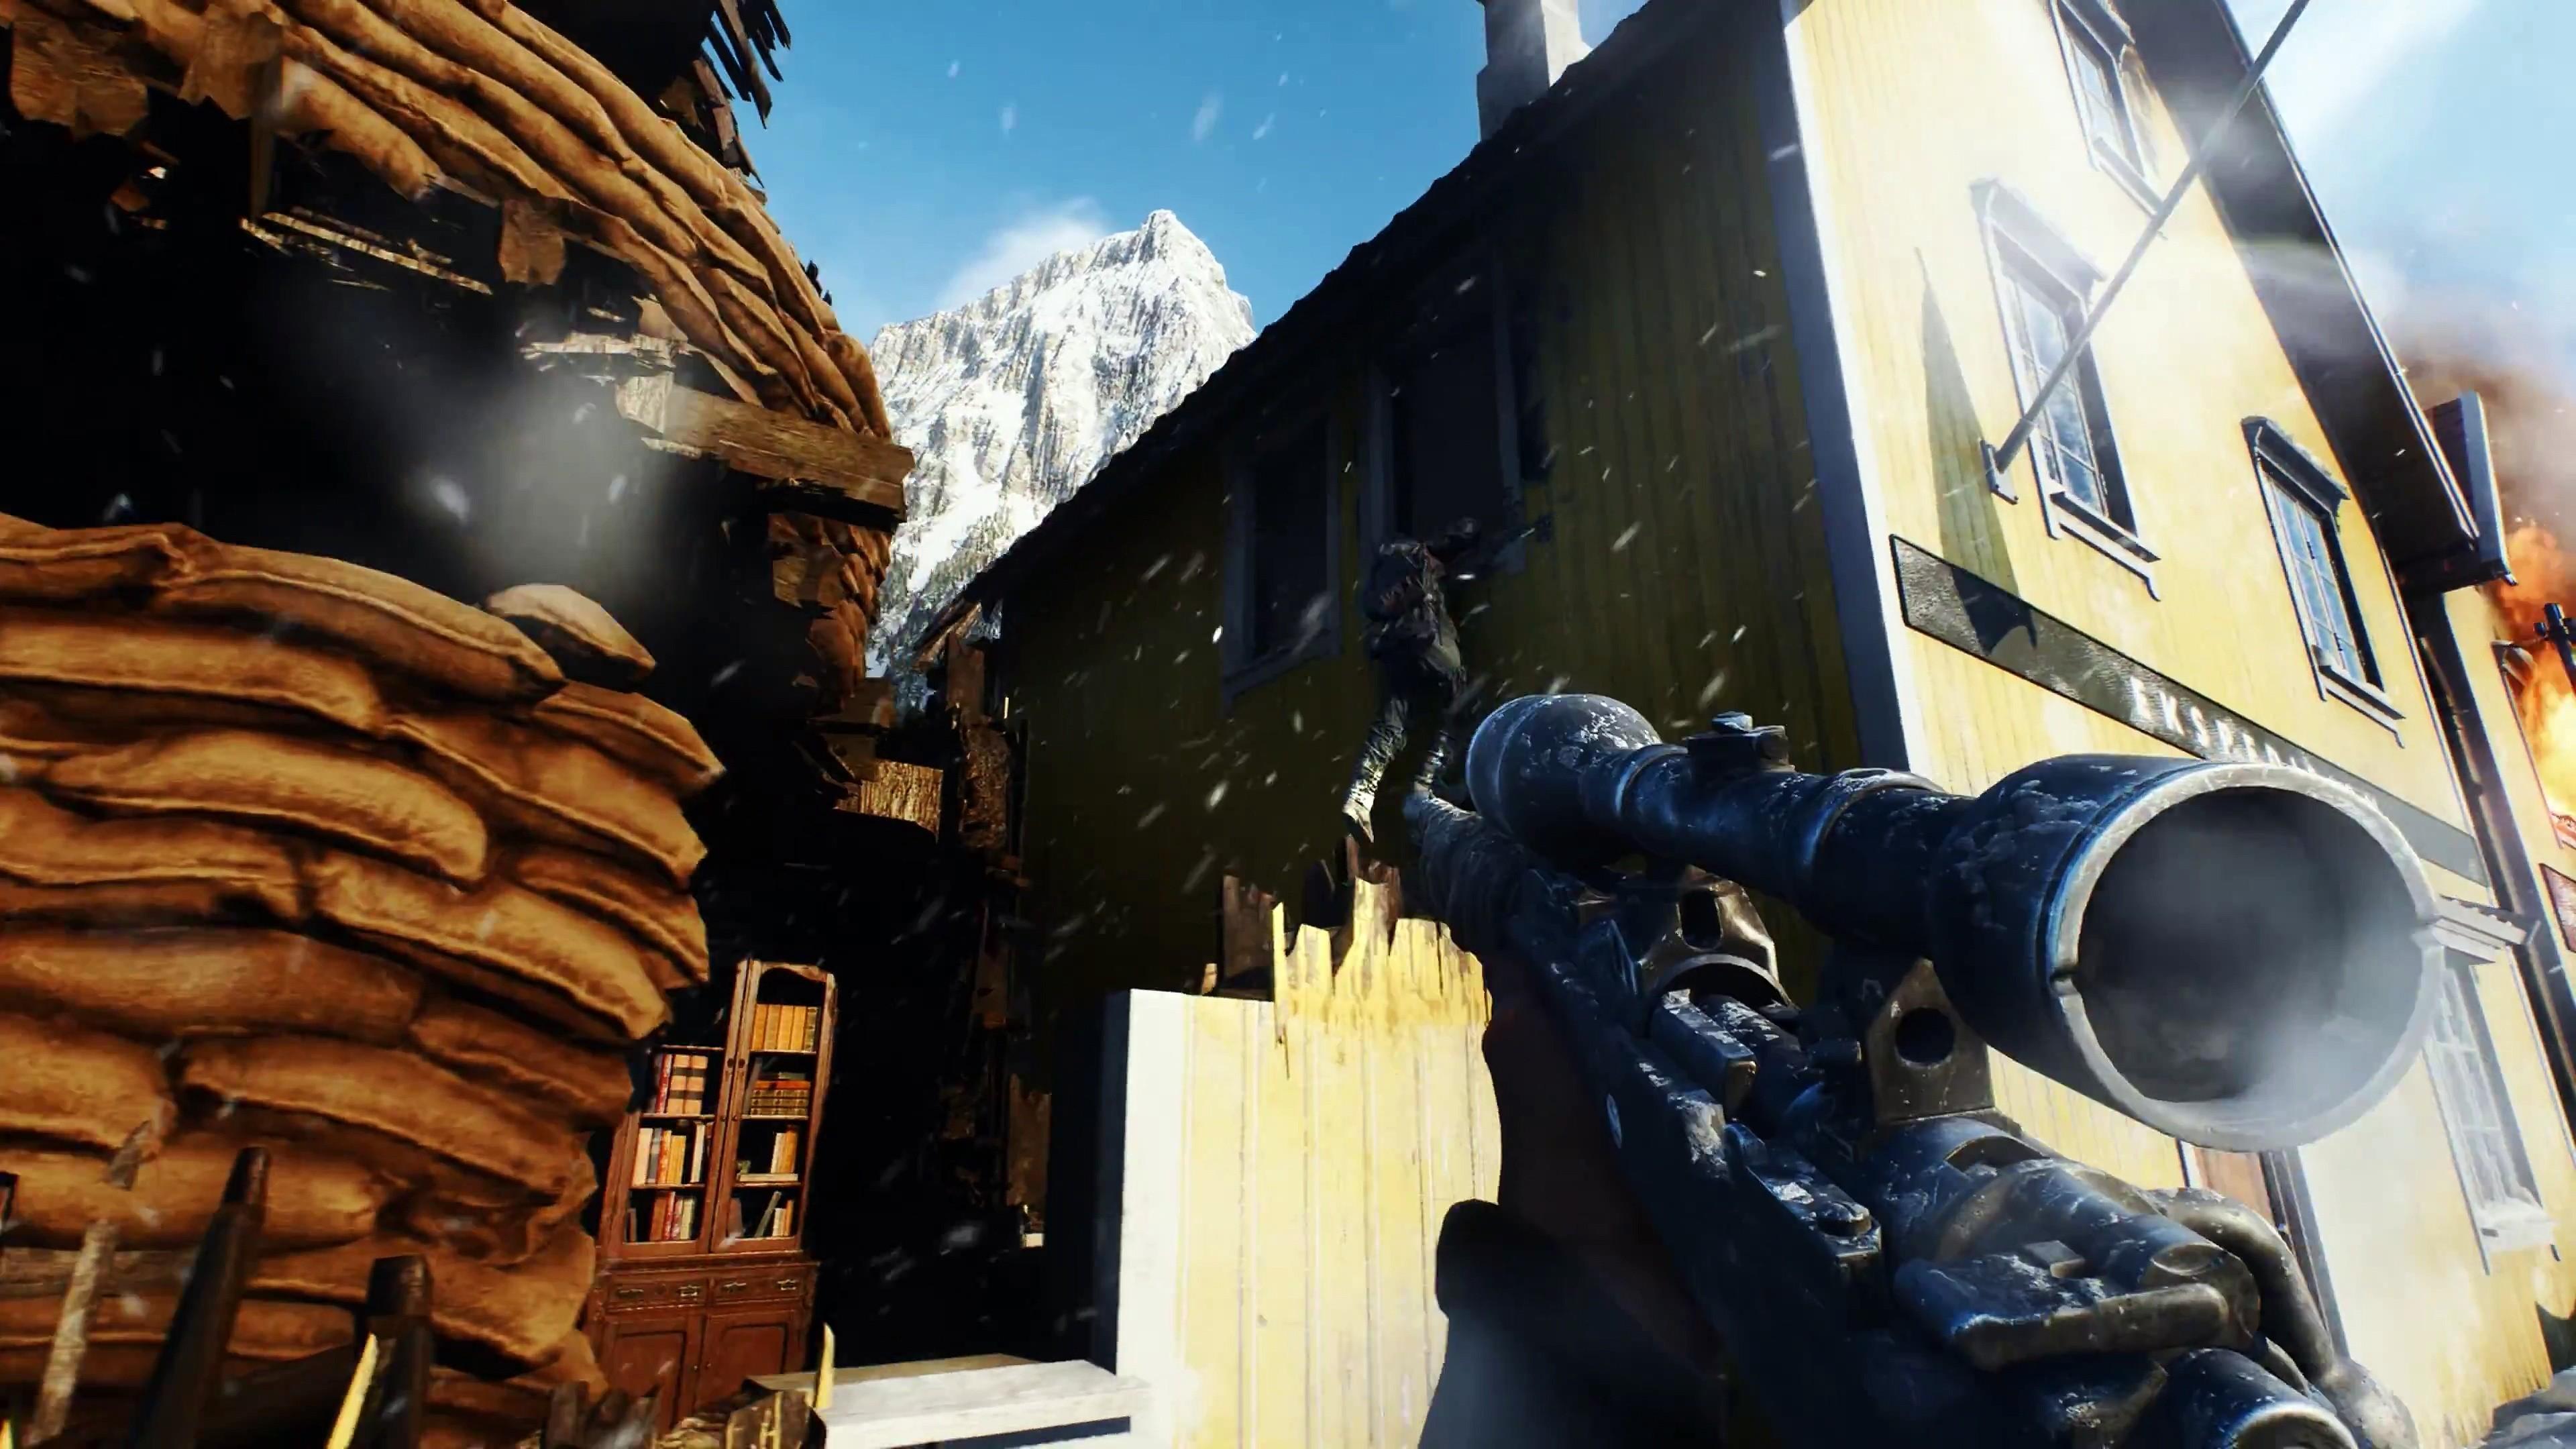 Wallpaper Battlefield 5 E3 2018 Screenshot 4k Games 19004